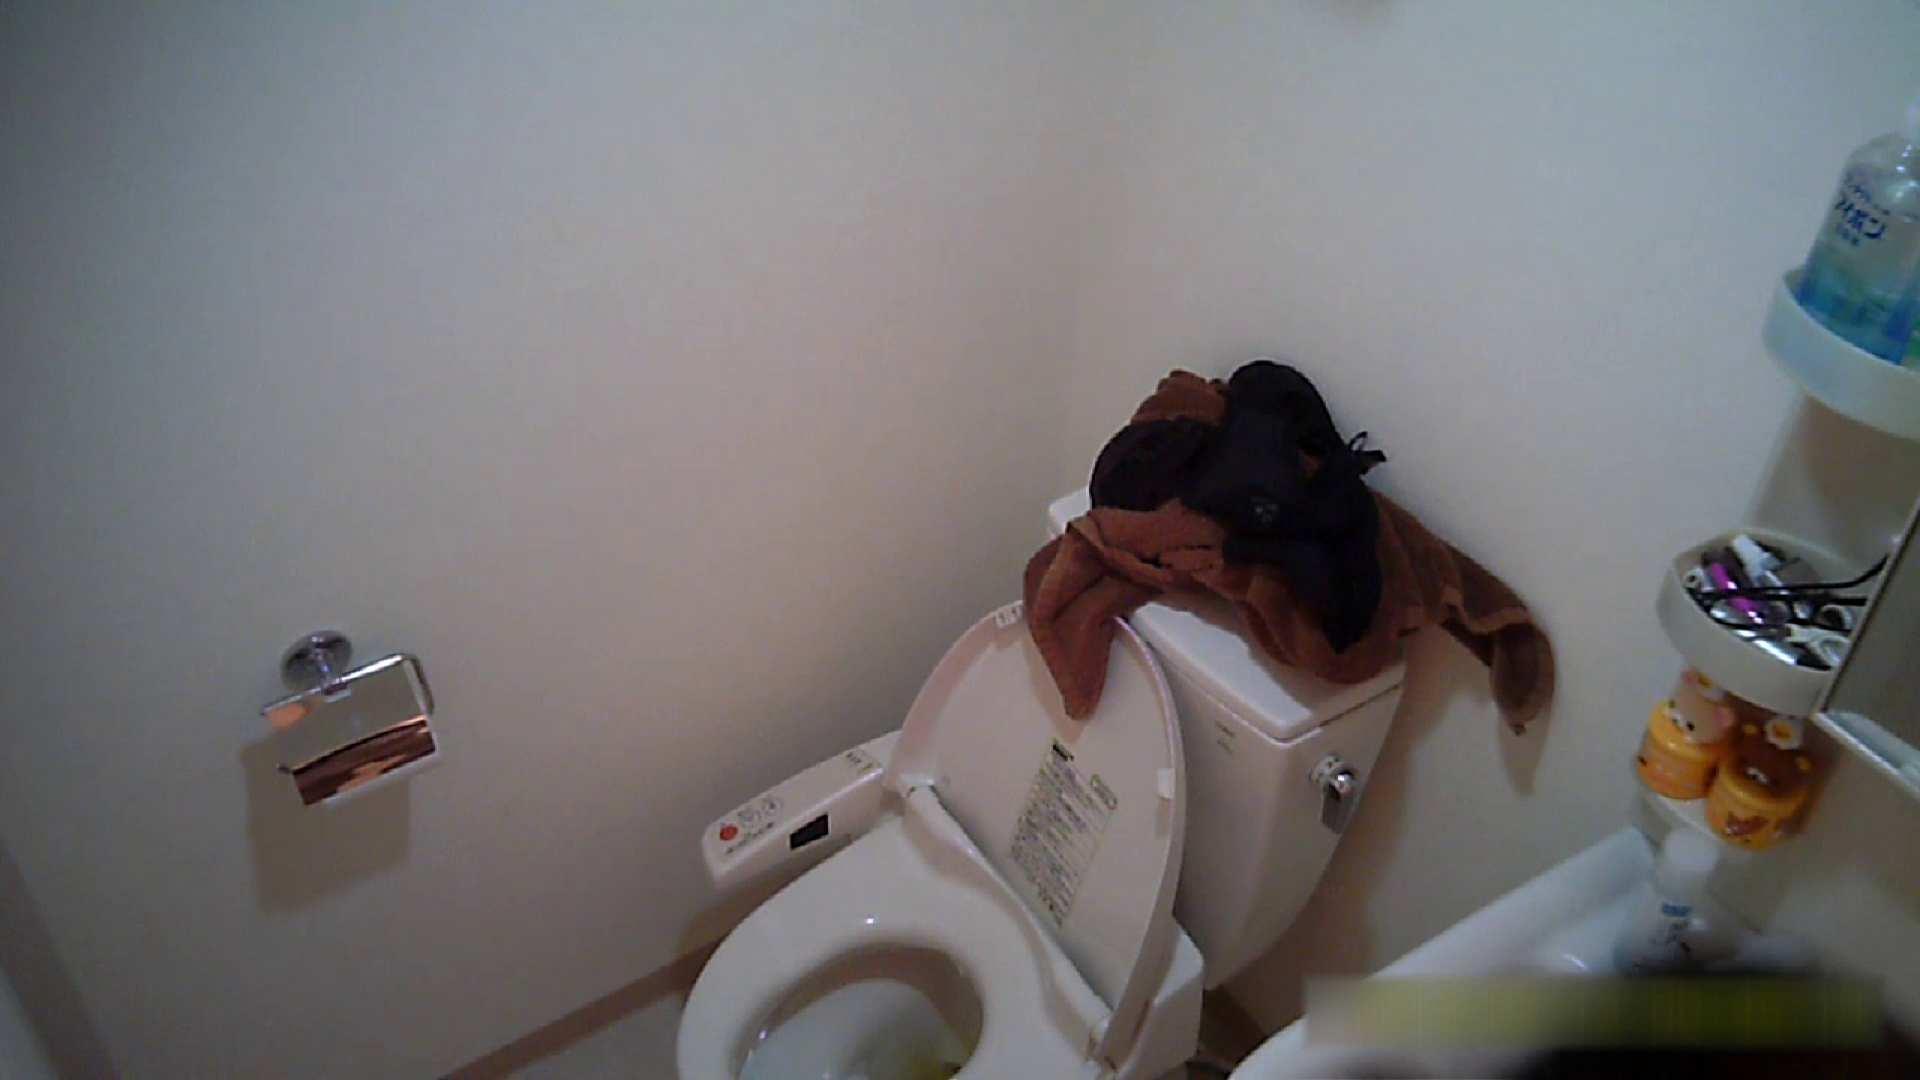 清楚な顔してかなり敏感なE子25歳(仮名)Vol.05 裸でトイレ編 トイレで・・・ おめこ無修正動画無料 105画像 90